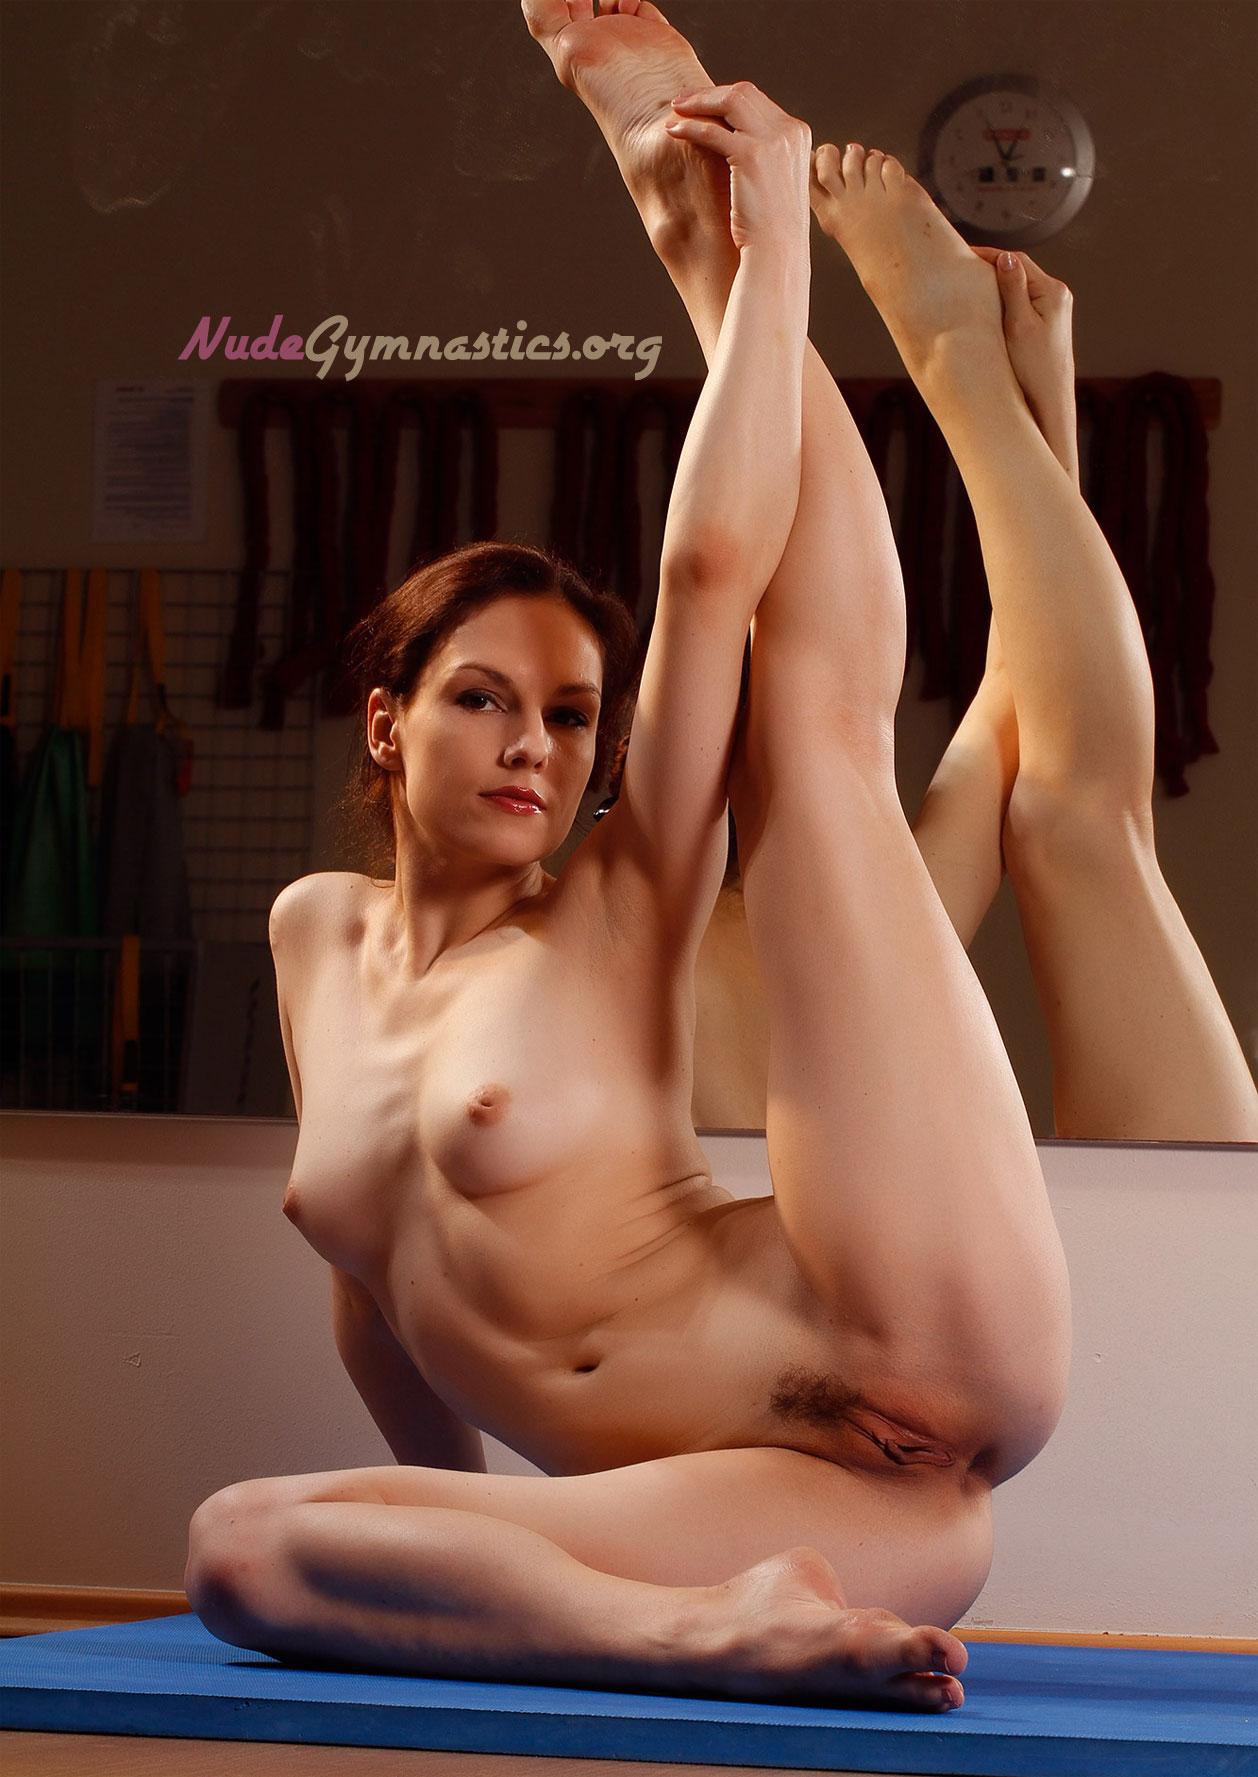 romanian gymnasts